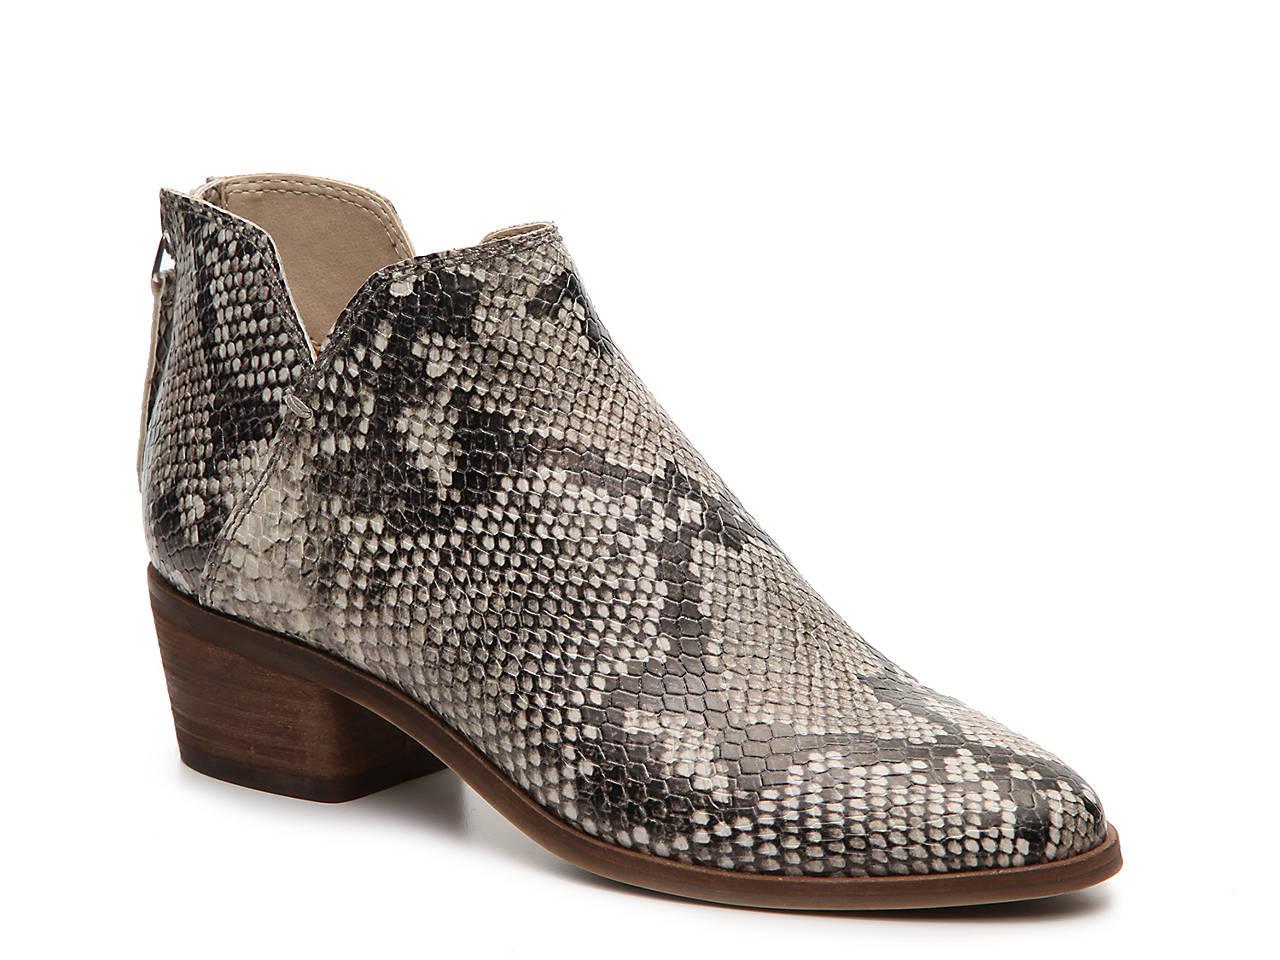 0eb0e617db9 Dolce Vita Karsen Bootie Women s Shoes